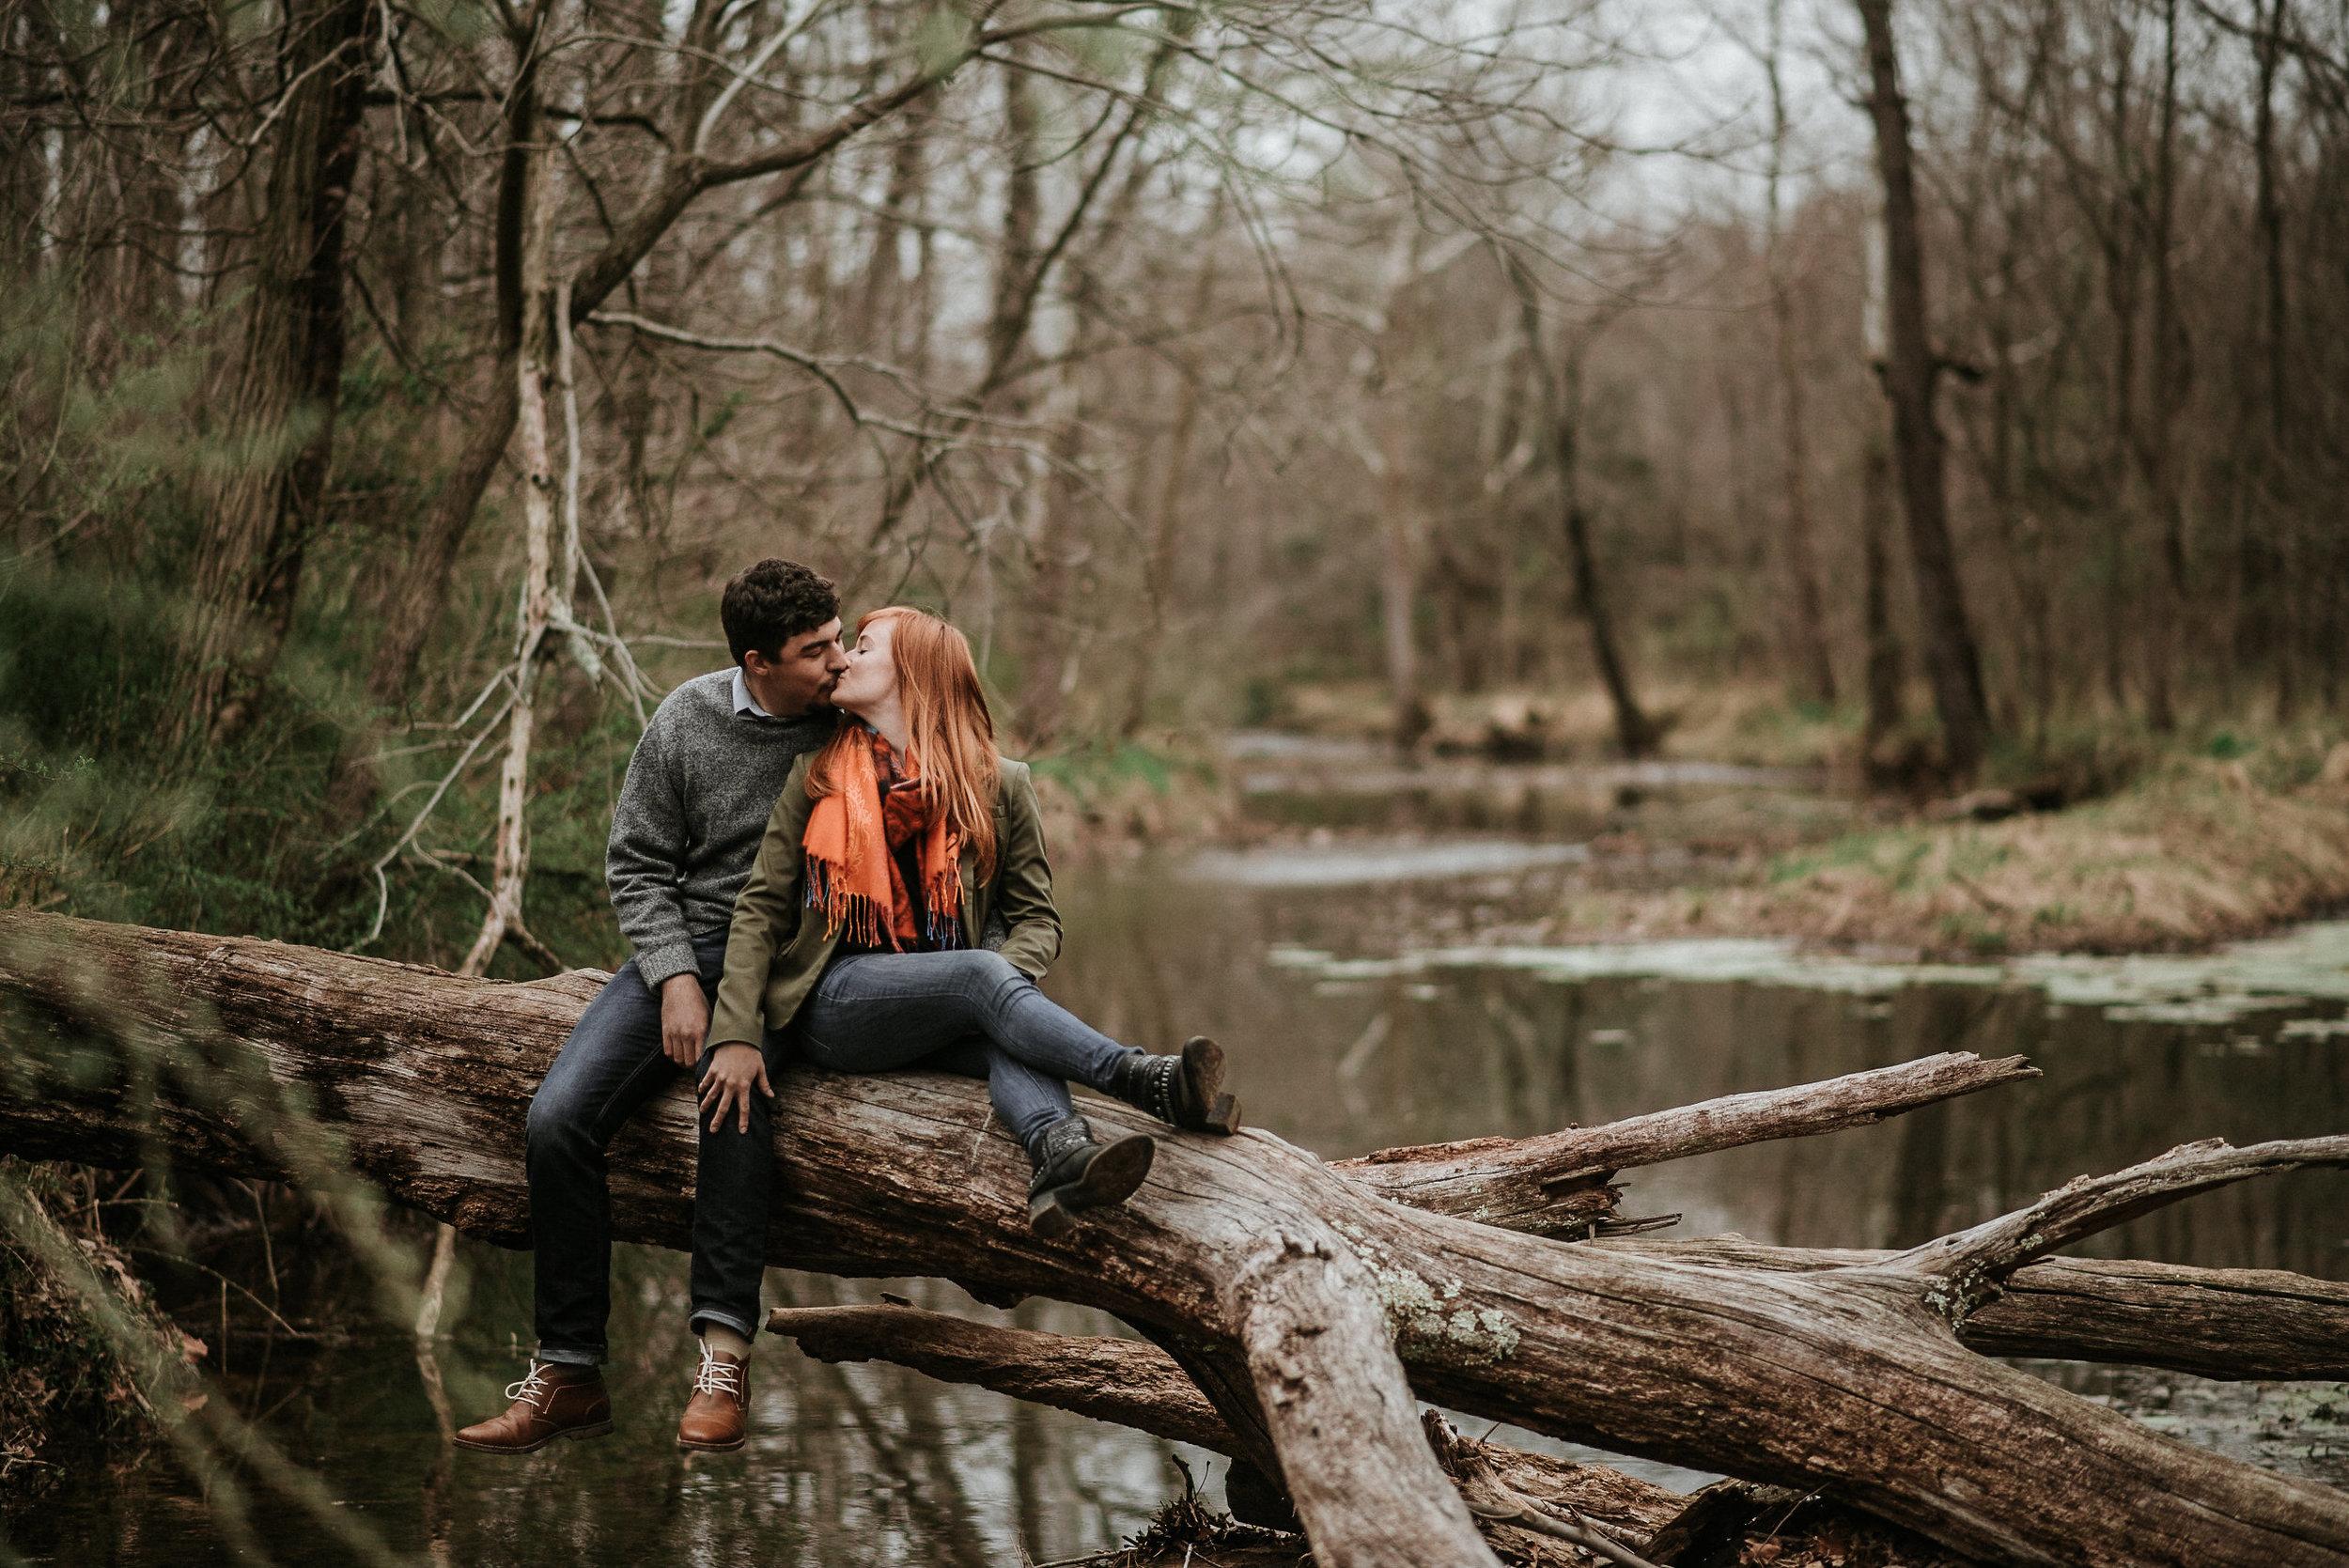 Couple kissing on fallen tree in water